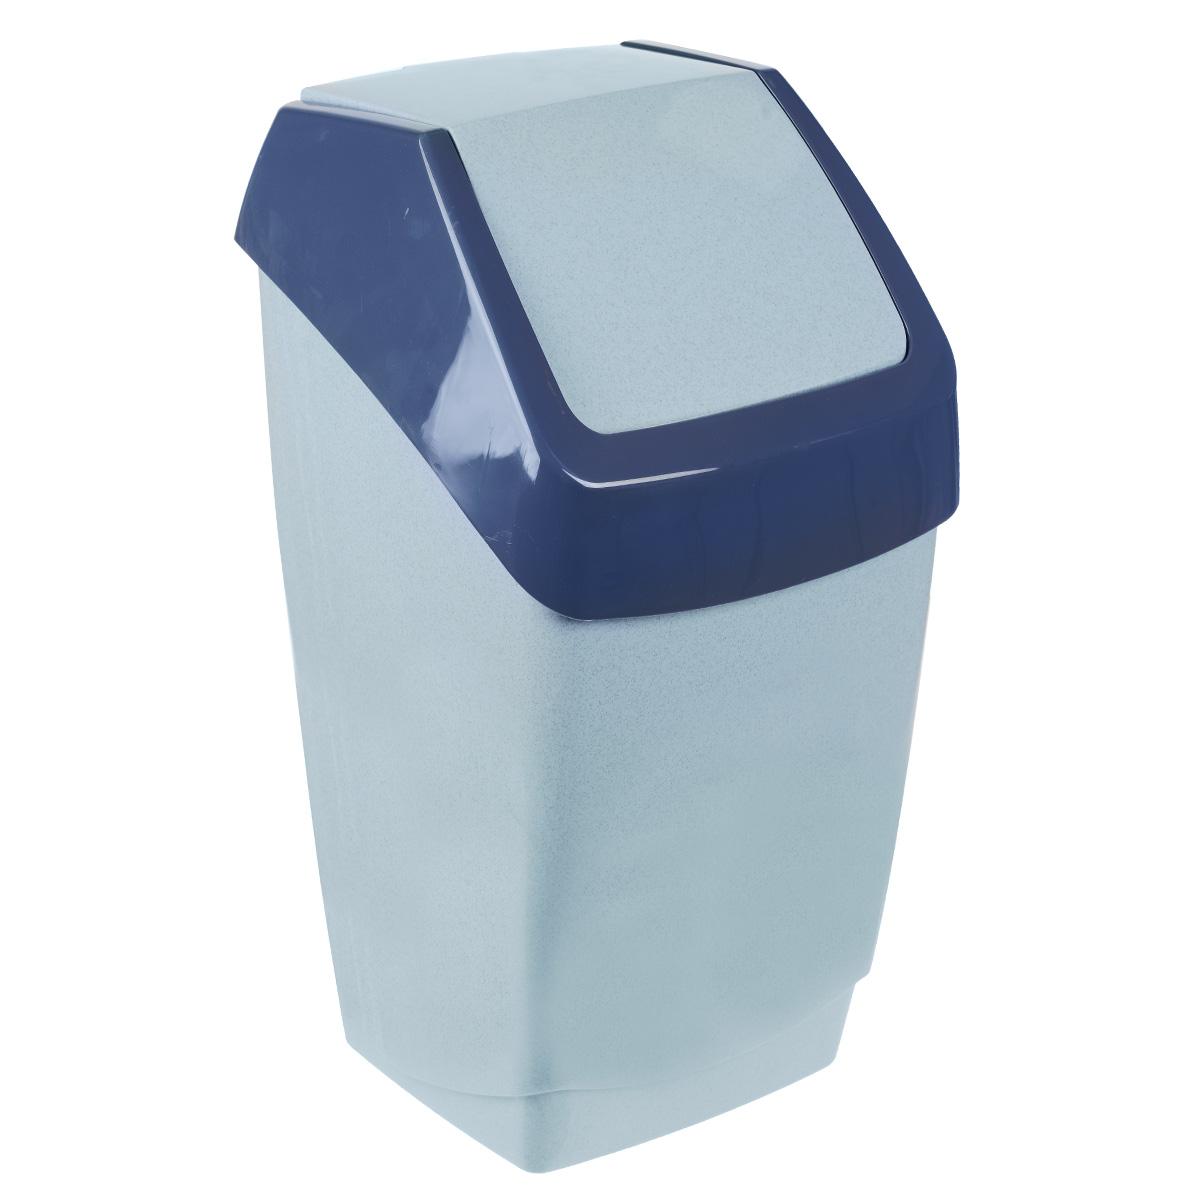 Контейнер для мусора Idea Хапс, цвет: голубой мрамор, 25 л97678Контейнер для мусора Idea Хапс изготовлен из прочного полипропилена (пластика). Контейнер снабжен удобной съемной крышкой с подвижной перегородкой. Благодаря лаконичному дизайну такой контейнер идеально впишется в интерьер и дома, и офиса.